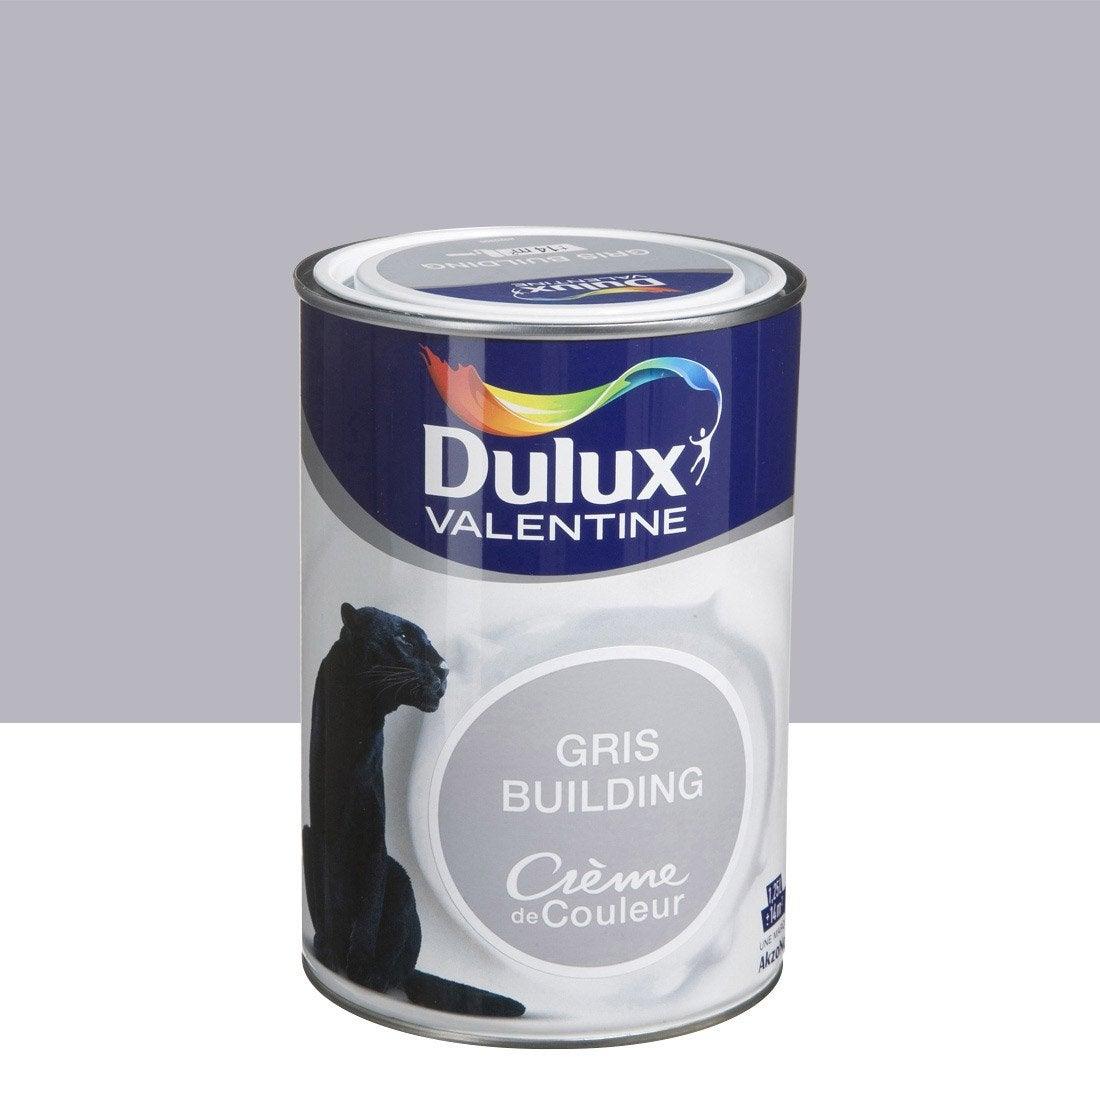 Peinture gris building dulux valentine cr me de couleur 1 for Peinture dulux valentine gris